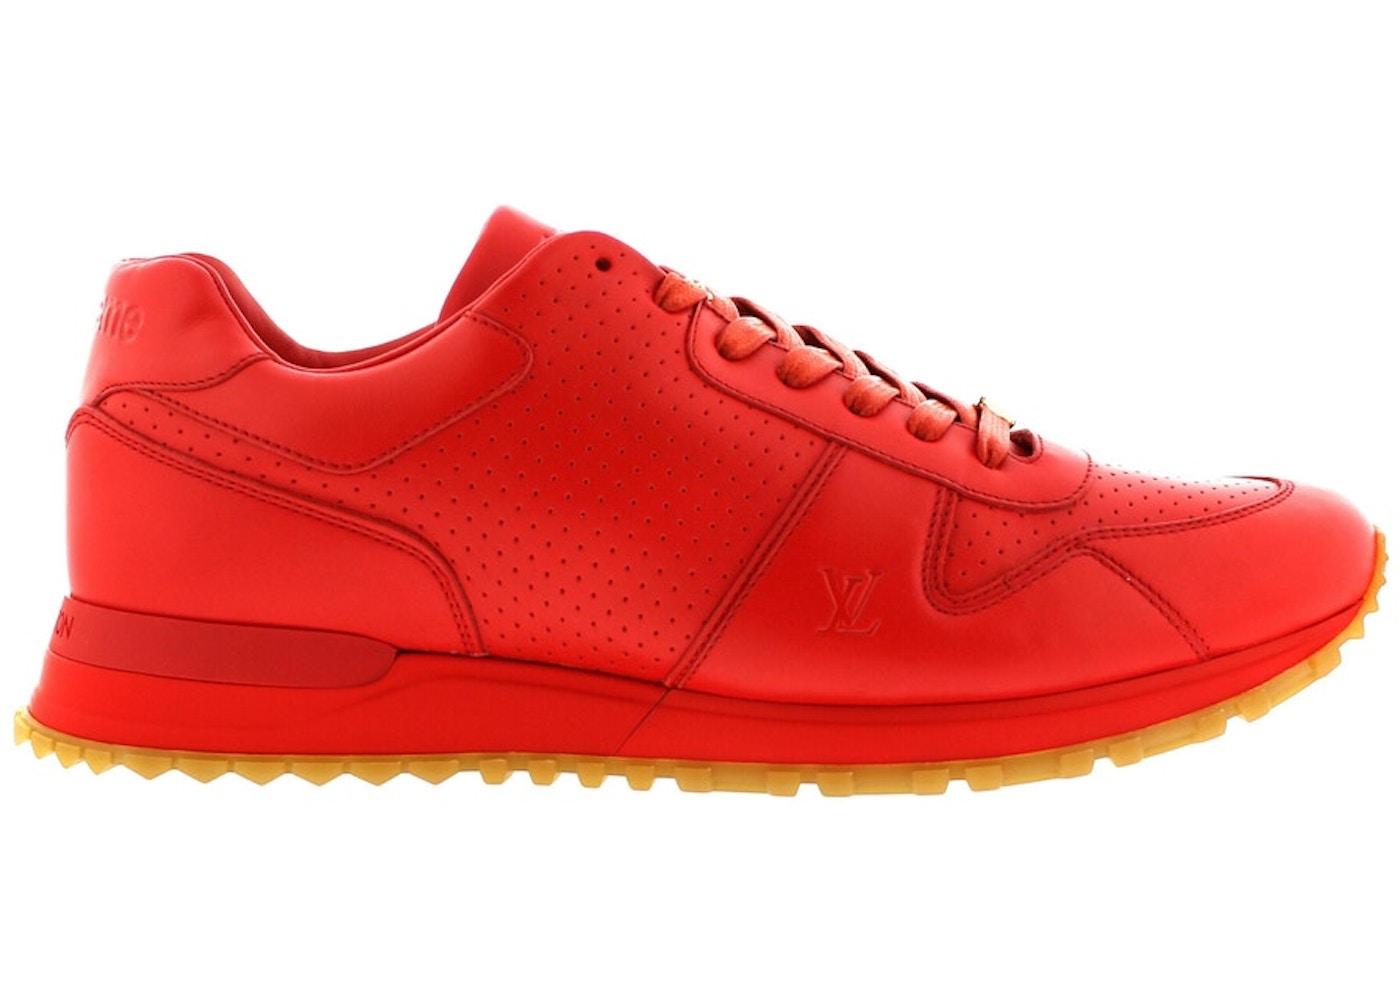 08a2c96b0cc Louis Vuitton Run Away Supreme Red Gum